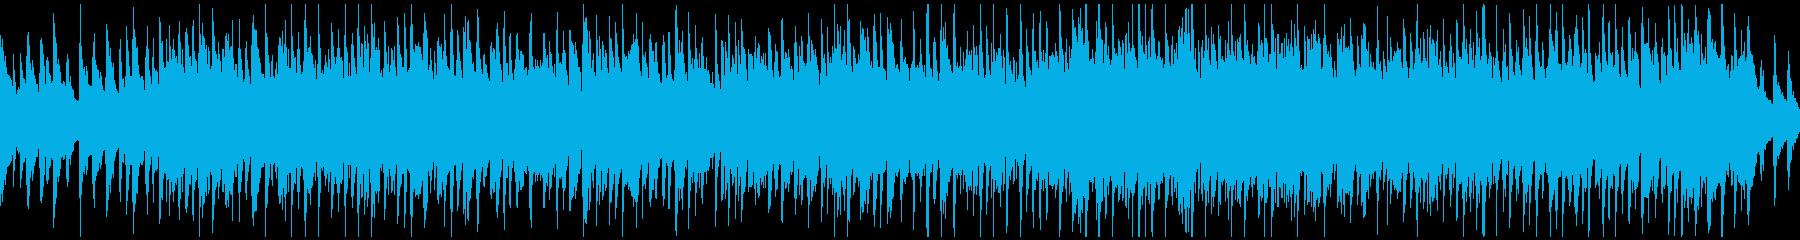 爽快アップテンポ楽しいウクレレ※ループ版の再生済みの波形